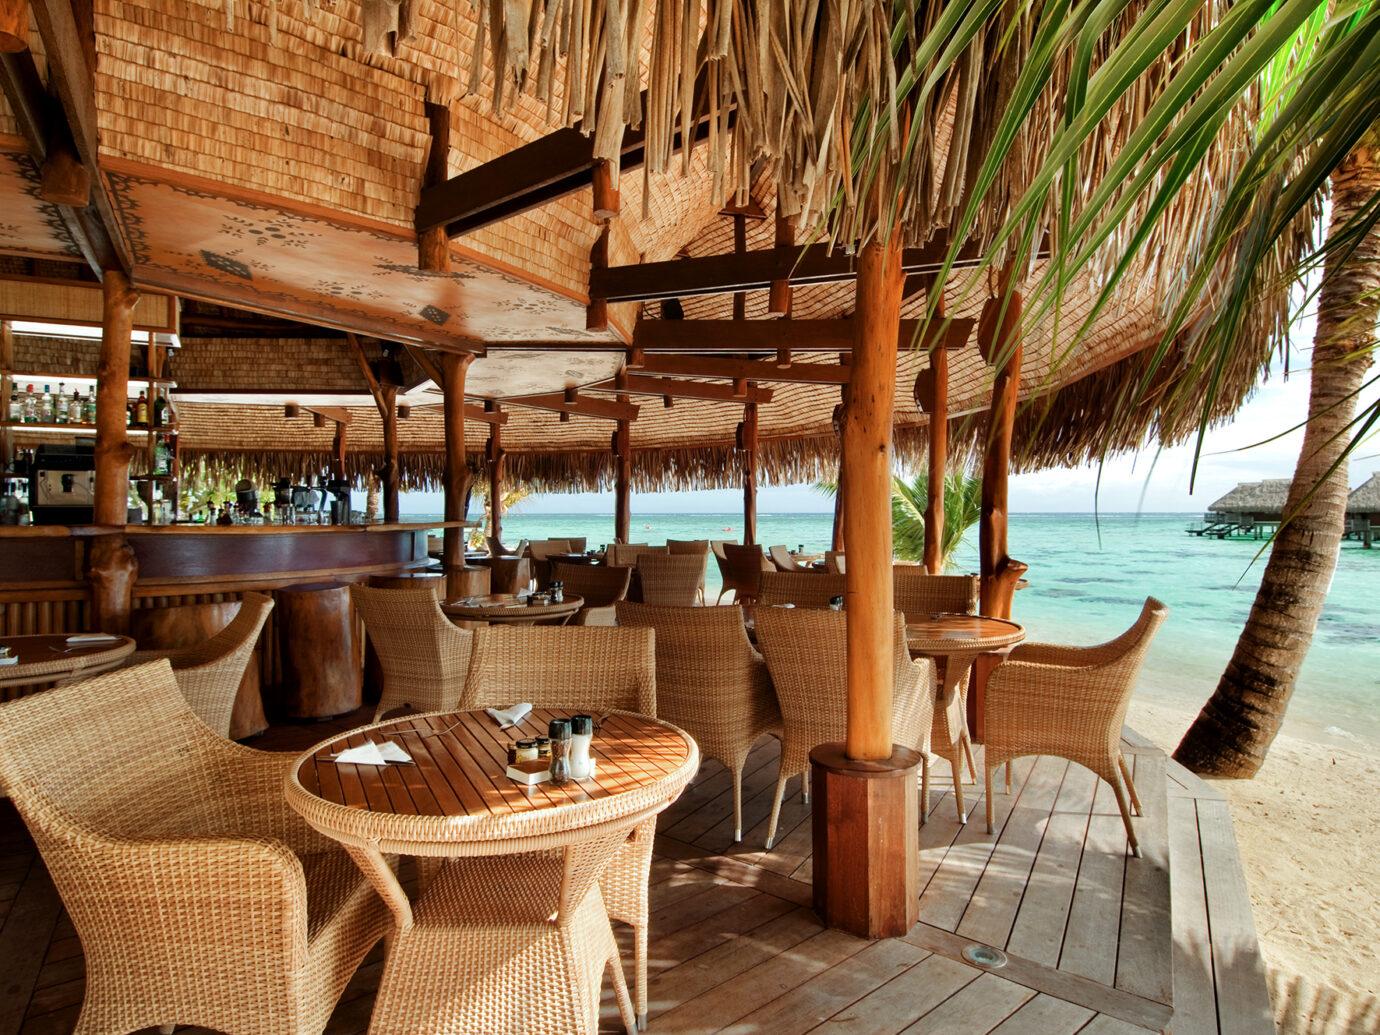 Outdoor bar at Hilton Moorea